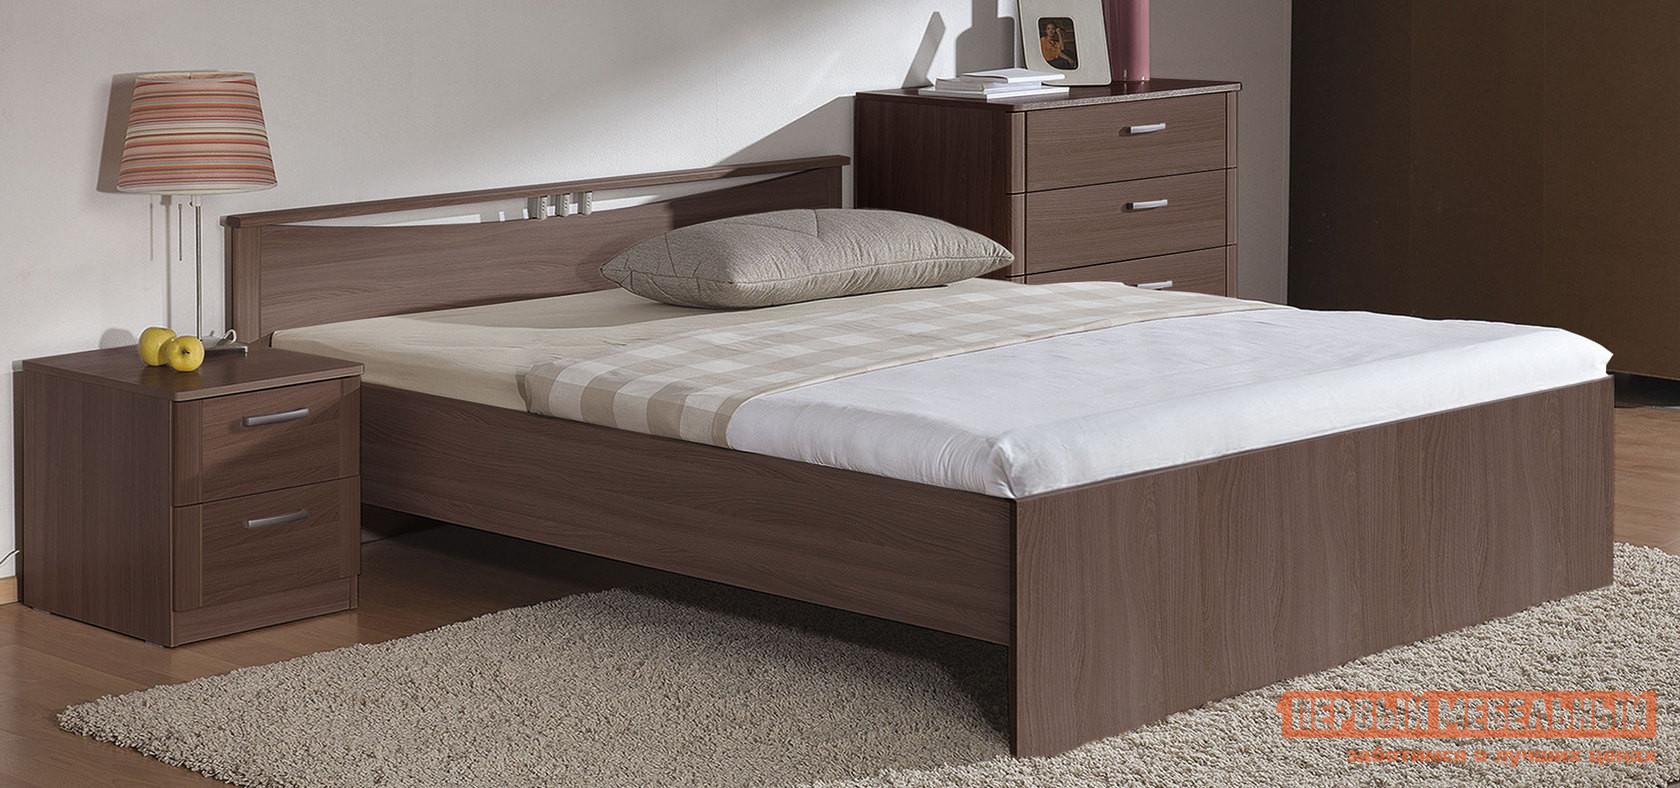 Кровать Боровичи Мелисса Шимо темный, Спальное место 900 Х 2000 мм